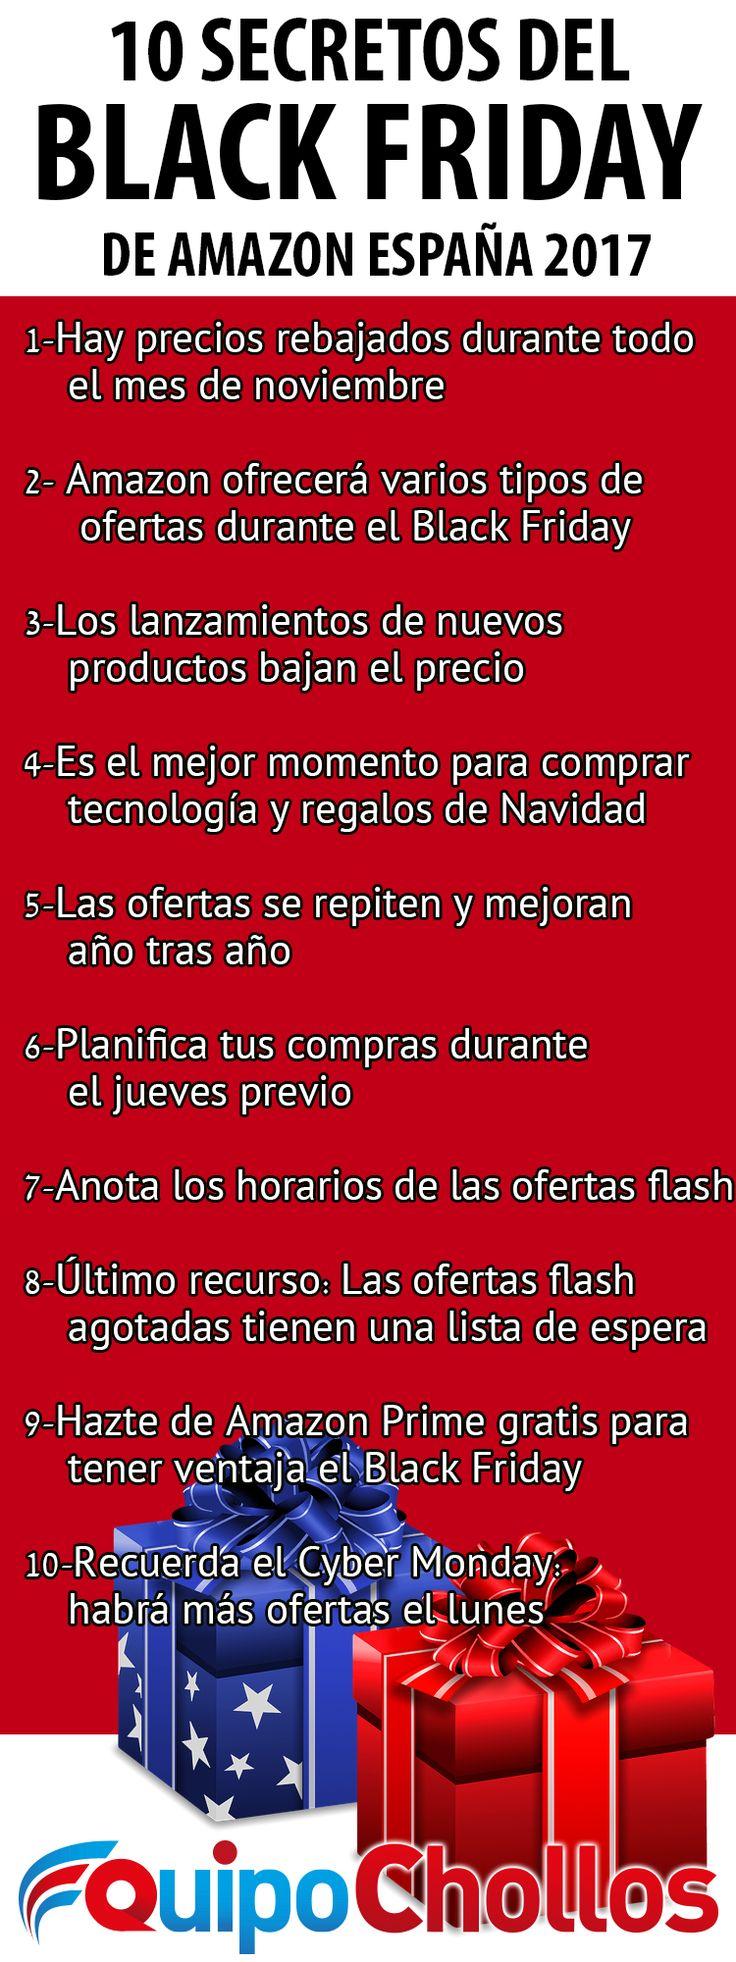 10 secretos y trucos para comprar en Amazon durante el Black Friday 2017 España. Aprovecha ofertas flash, el Cyber Monday, Amazon Prime y más. #Blackfriday #España #2017 #Navidad #chollos #ofertas